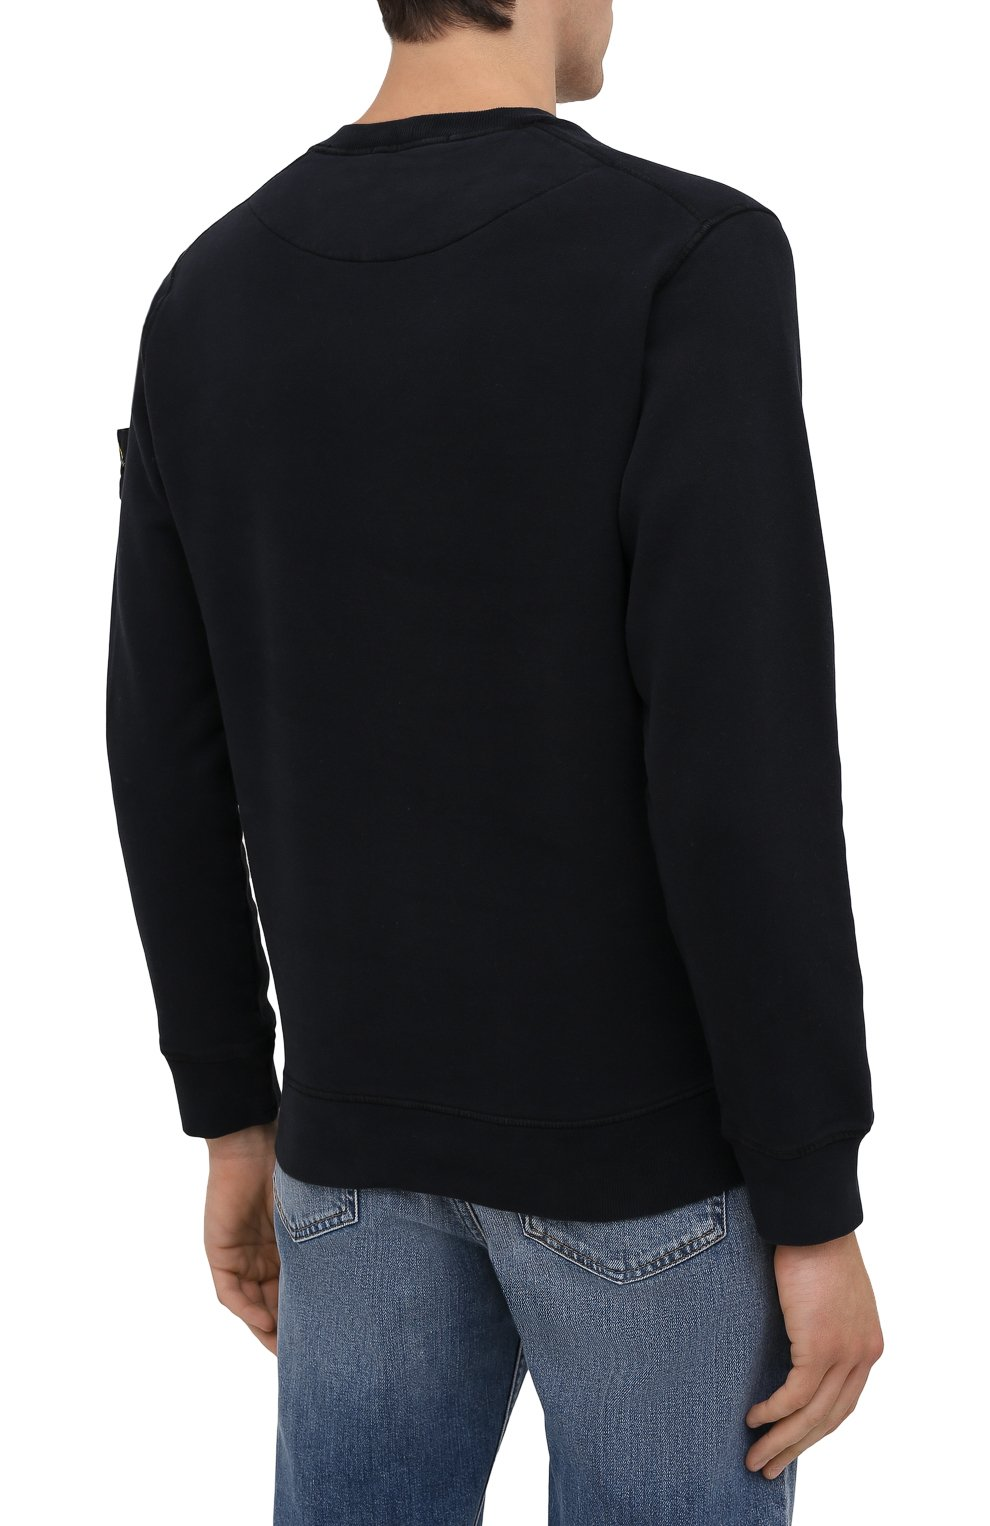 Мужской хлопковый свитшот STONE ISLAND темно-синего цвета, арт. 751563020   Фото 4 (Рукава: Длинные; Принт: Без принта; Длина (для топов): Стандартные; Мужское Кросс-КТ: свитшот-одежда; Материал внешний: Хлопок; Стили: Кэжуэл)